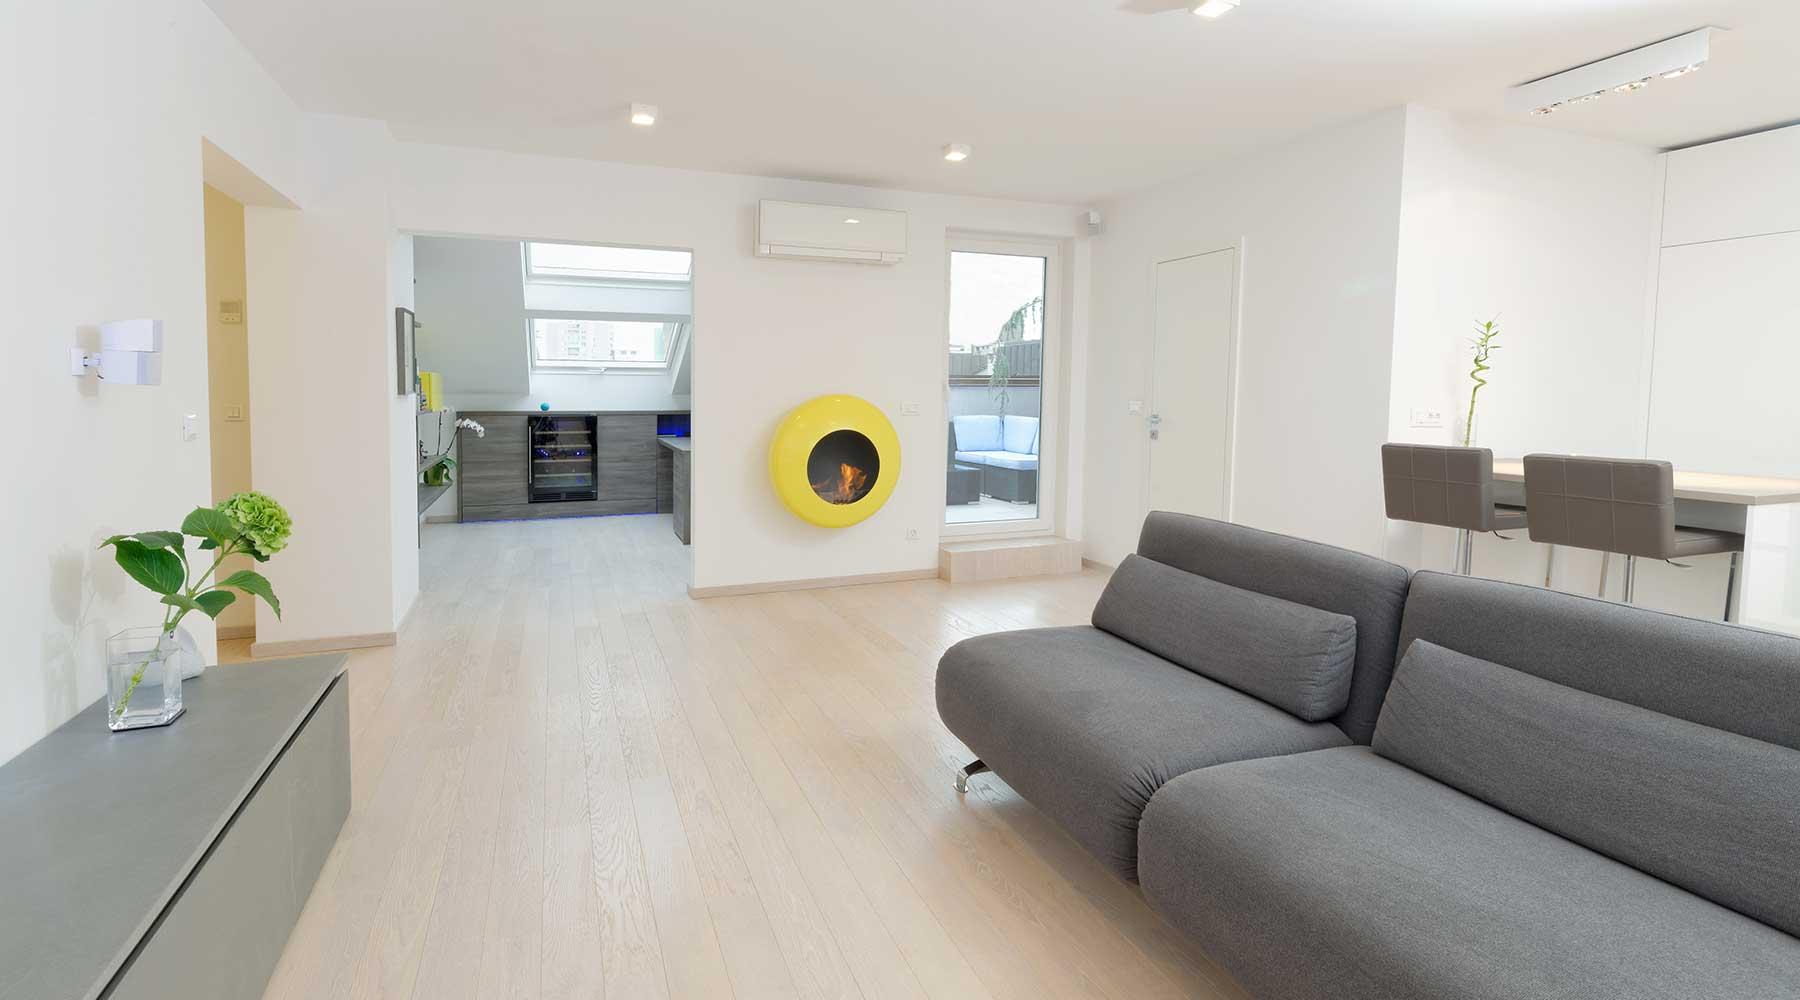 un salotto ampio e moderno con divani grigio sulla destra, a sinistra un mobile con sopra un vaso con una pianta